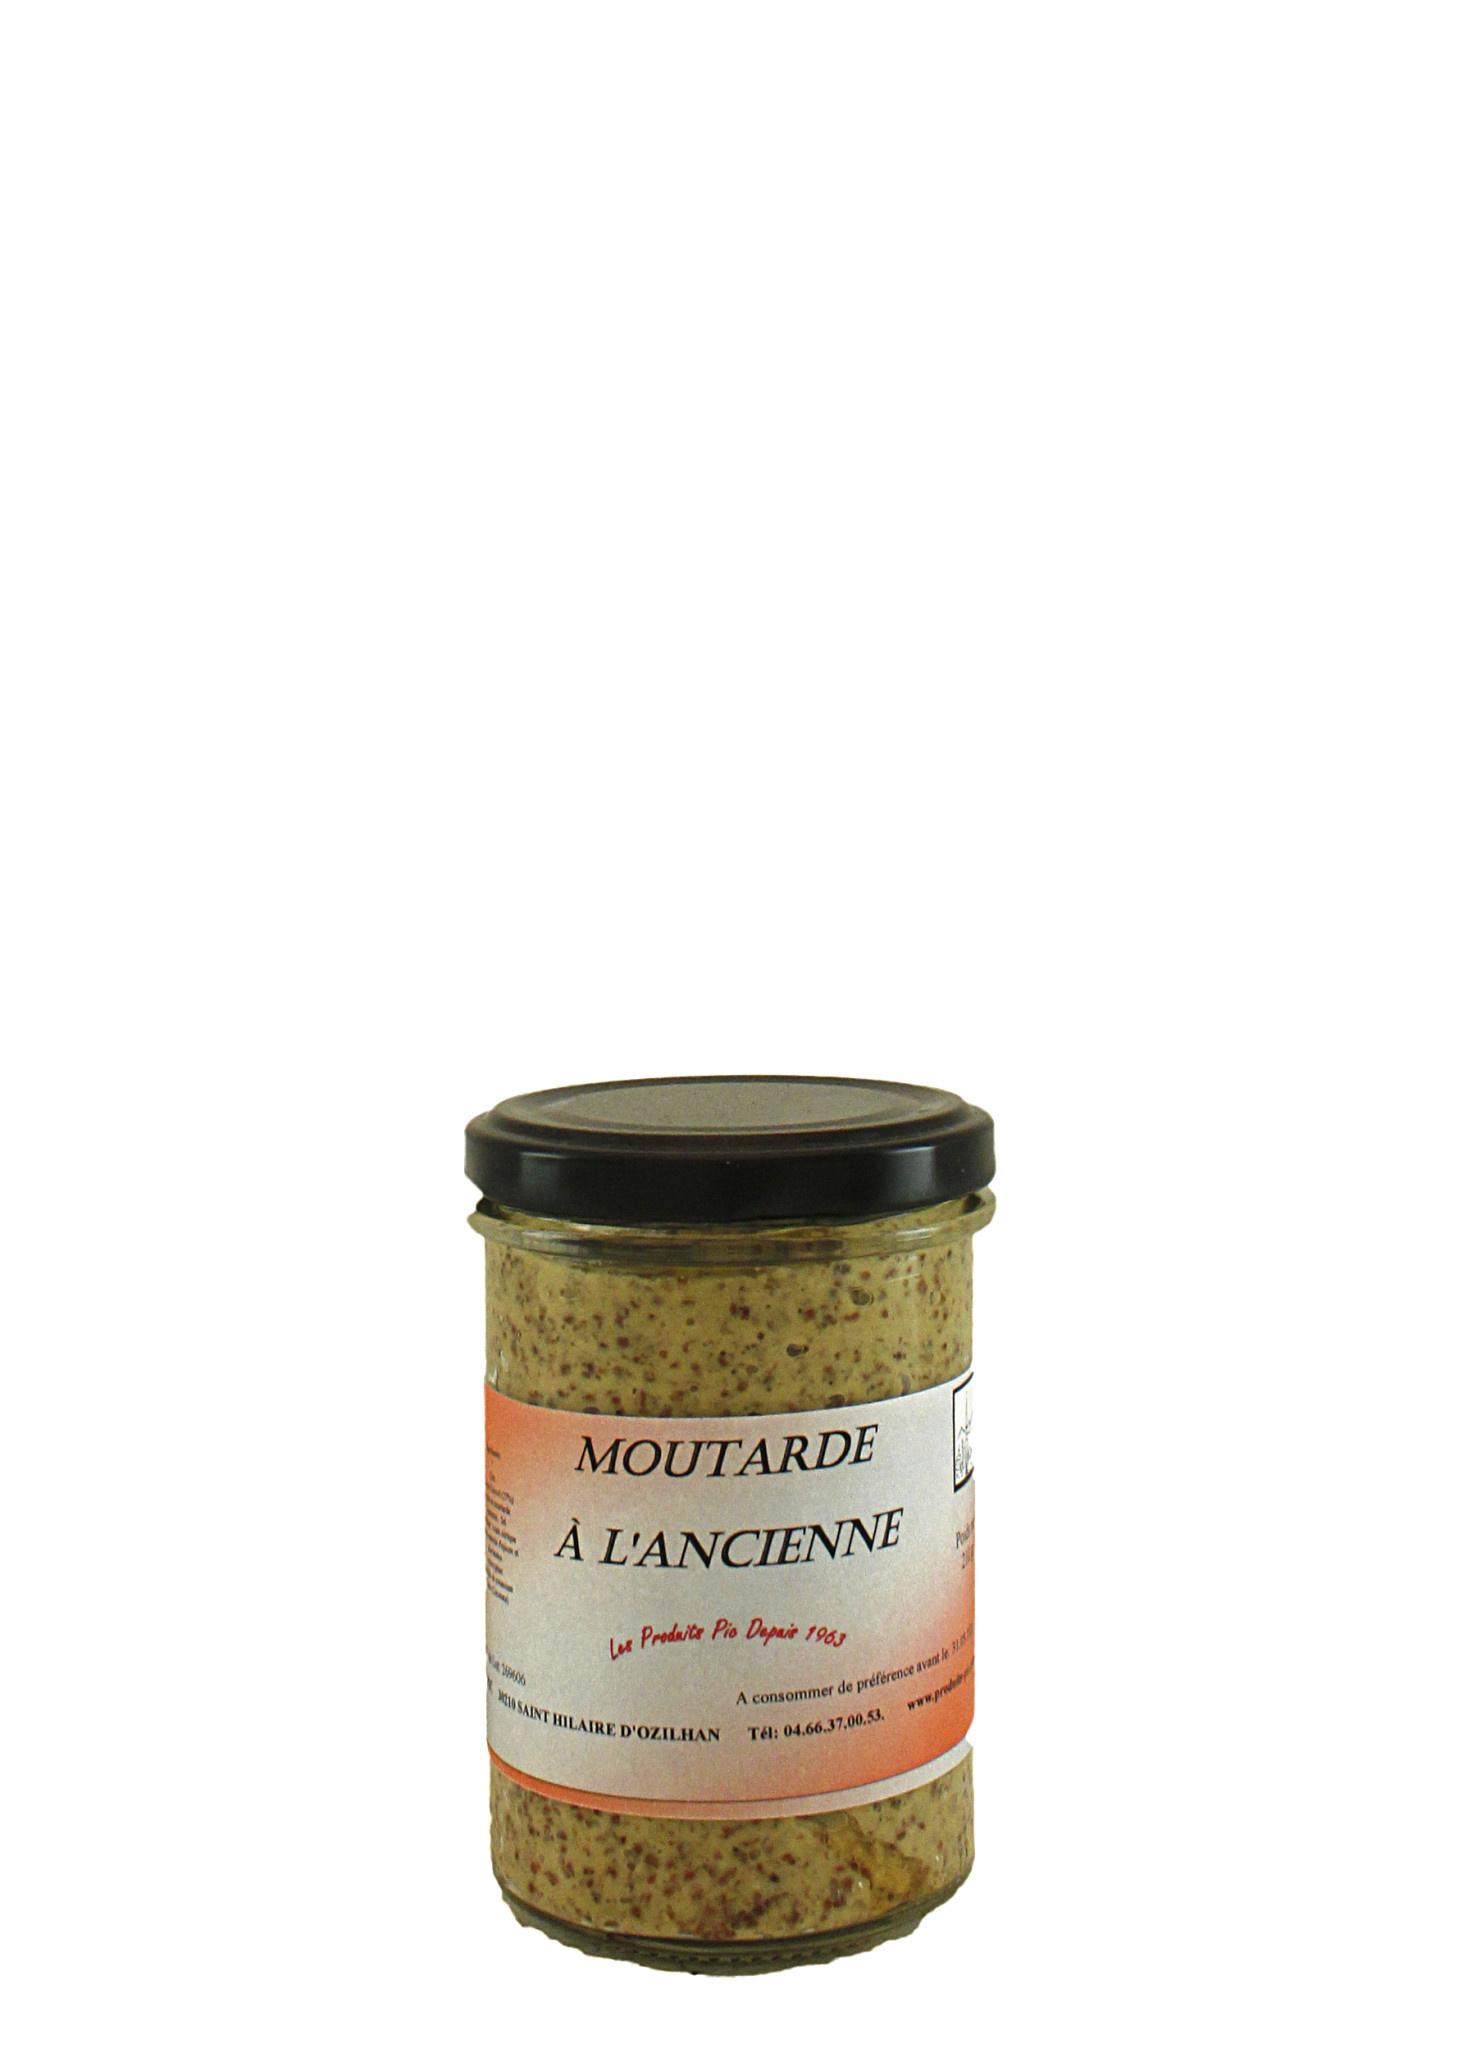 Pic Moutarde a L'Ancienne,  Les Produits Pic, Saint Hilaire d'Ozilhan, Provence, France